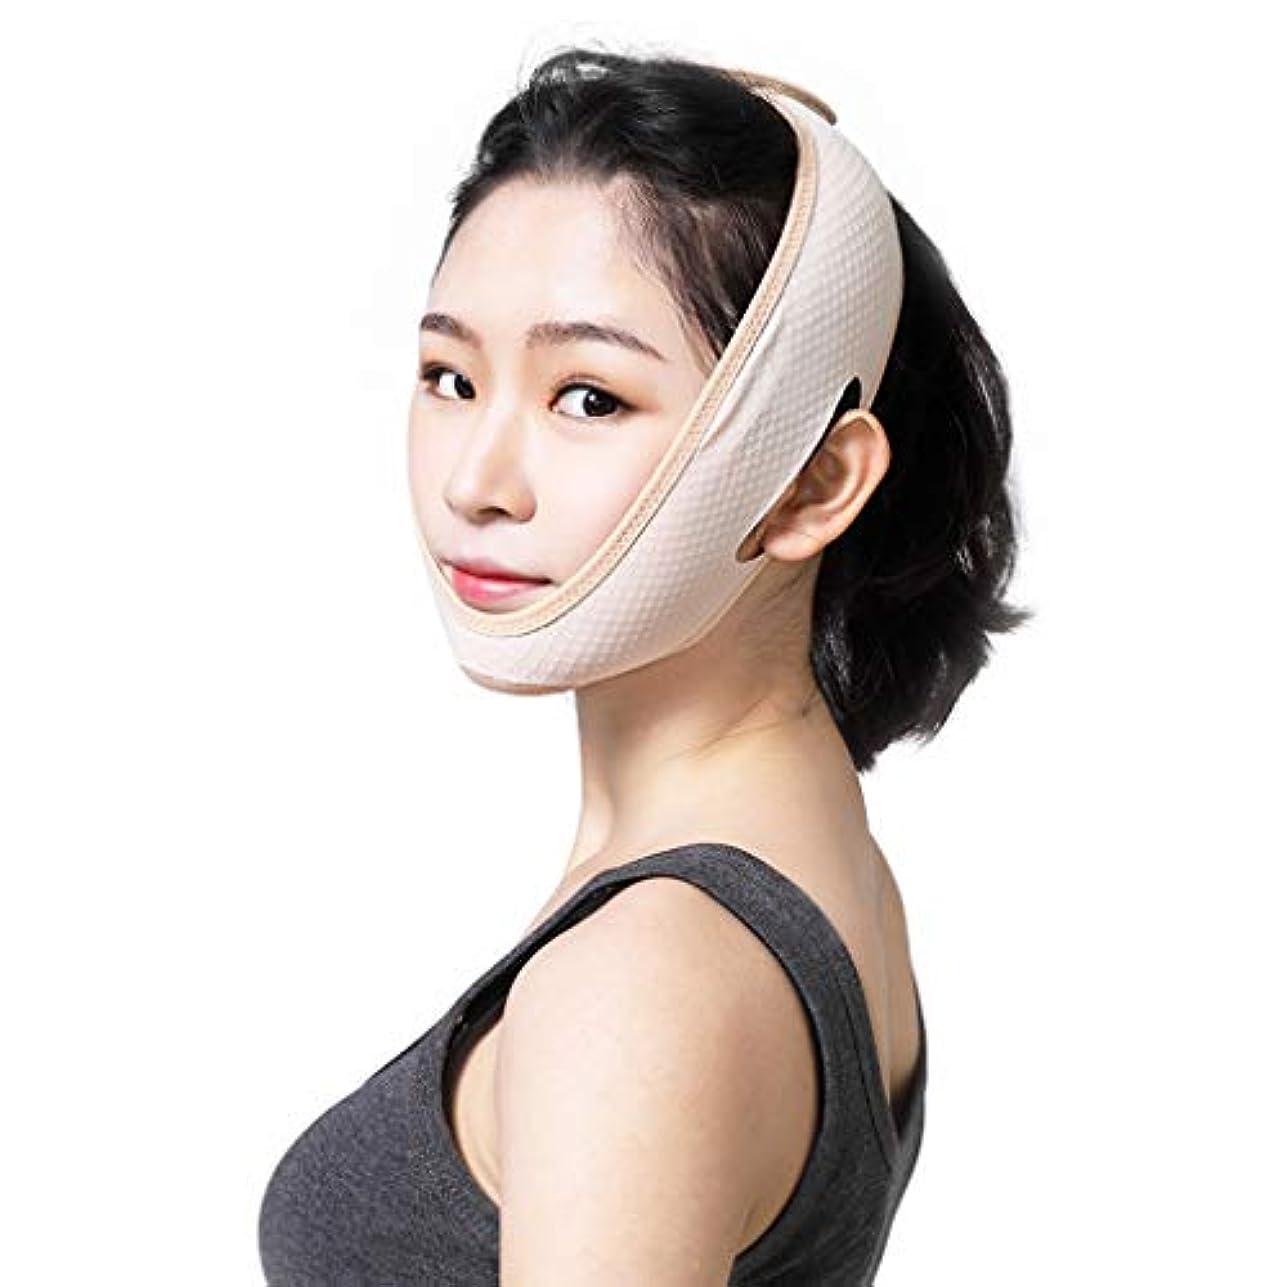 なぜ対応ダルセット顔の減量顔 V 顔の薄い二重あごリフト引き締め顔面包帯睡眠マスクマッサージ通気性